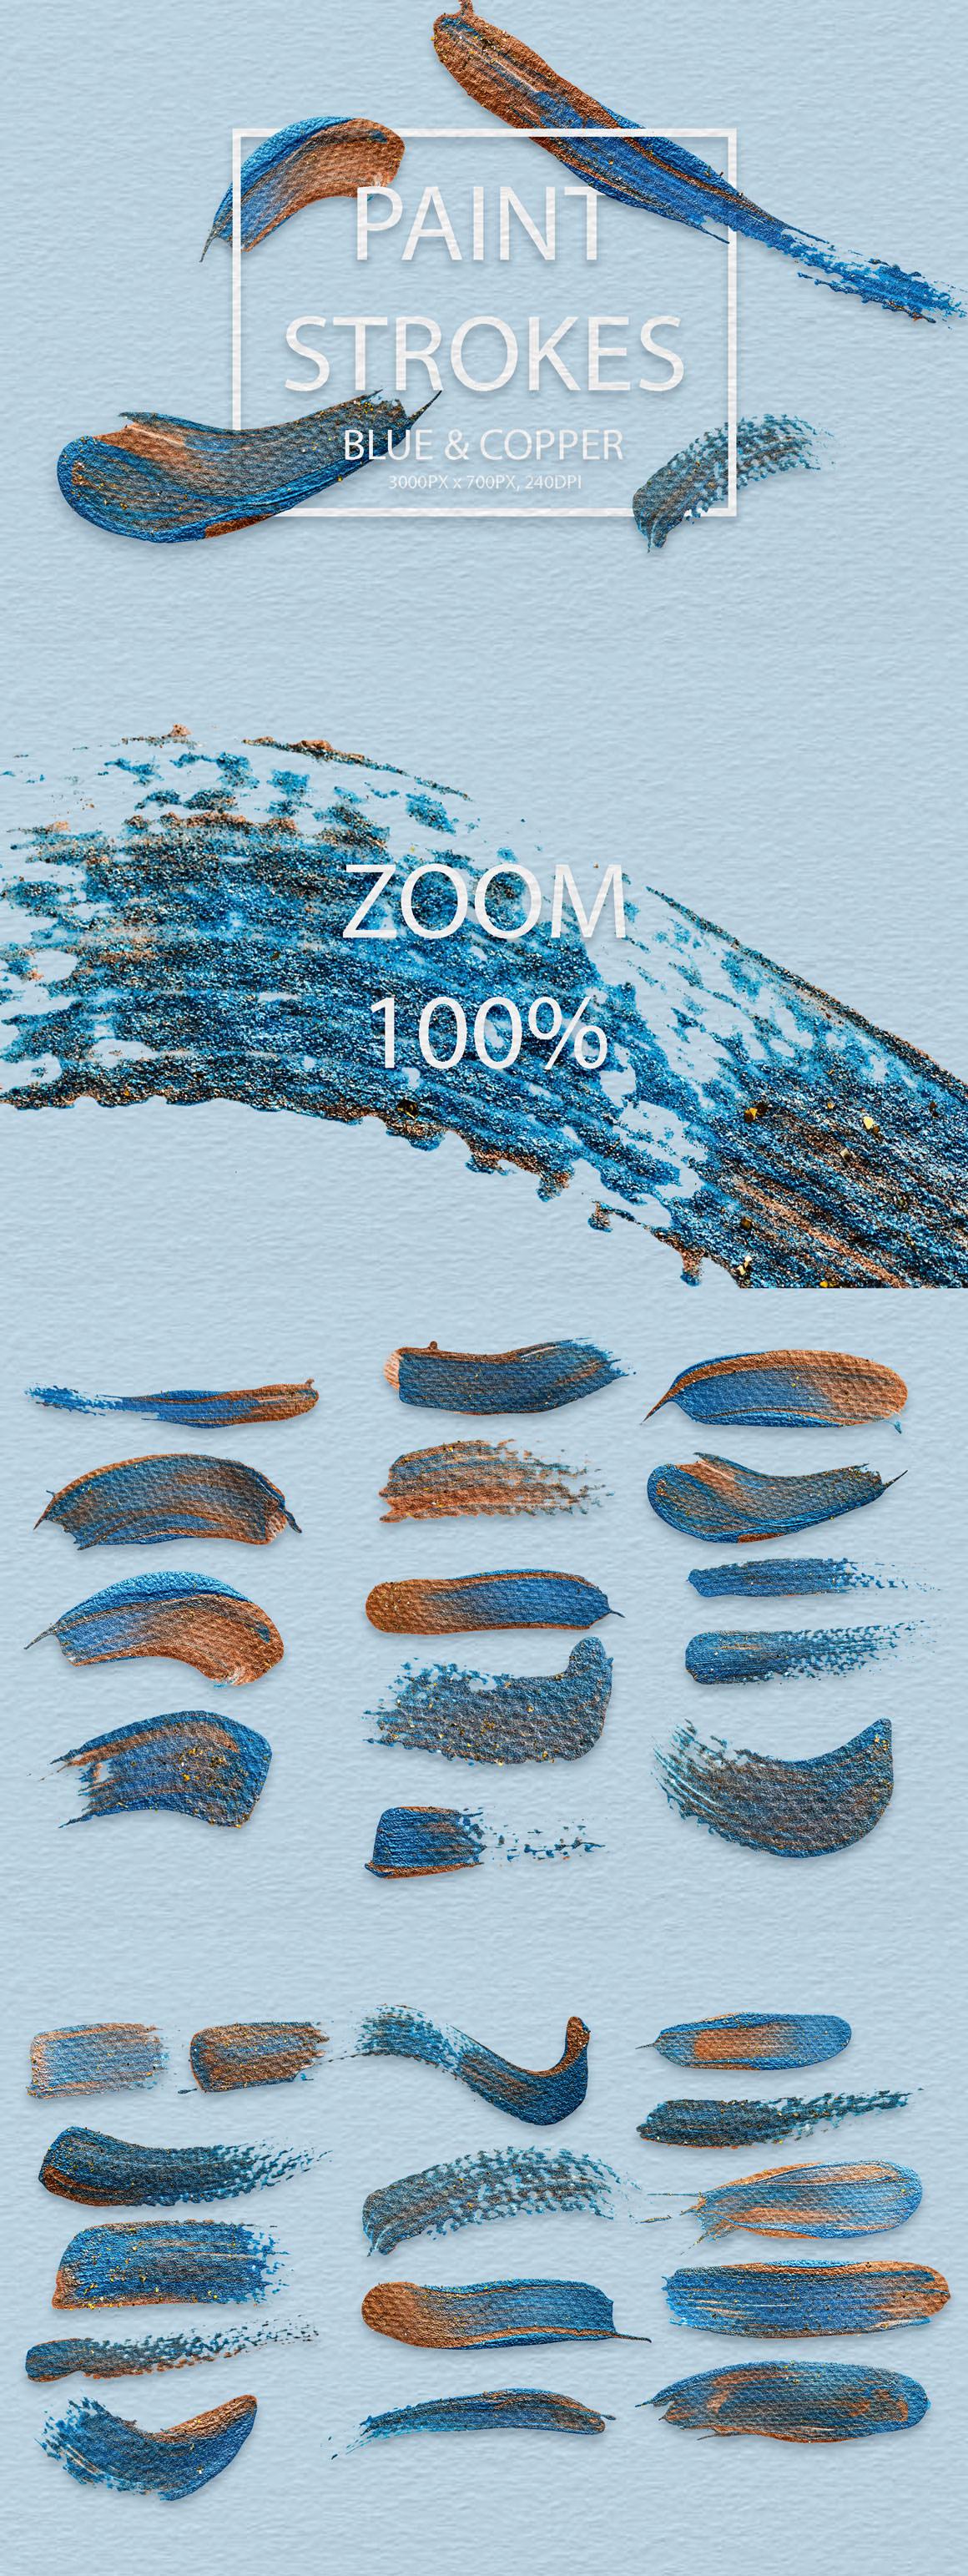 829 Acrylic Brush Strokes and Digital Brush Strokes - $9 - PaintStrokesBlueCopper 01 min